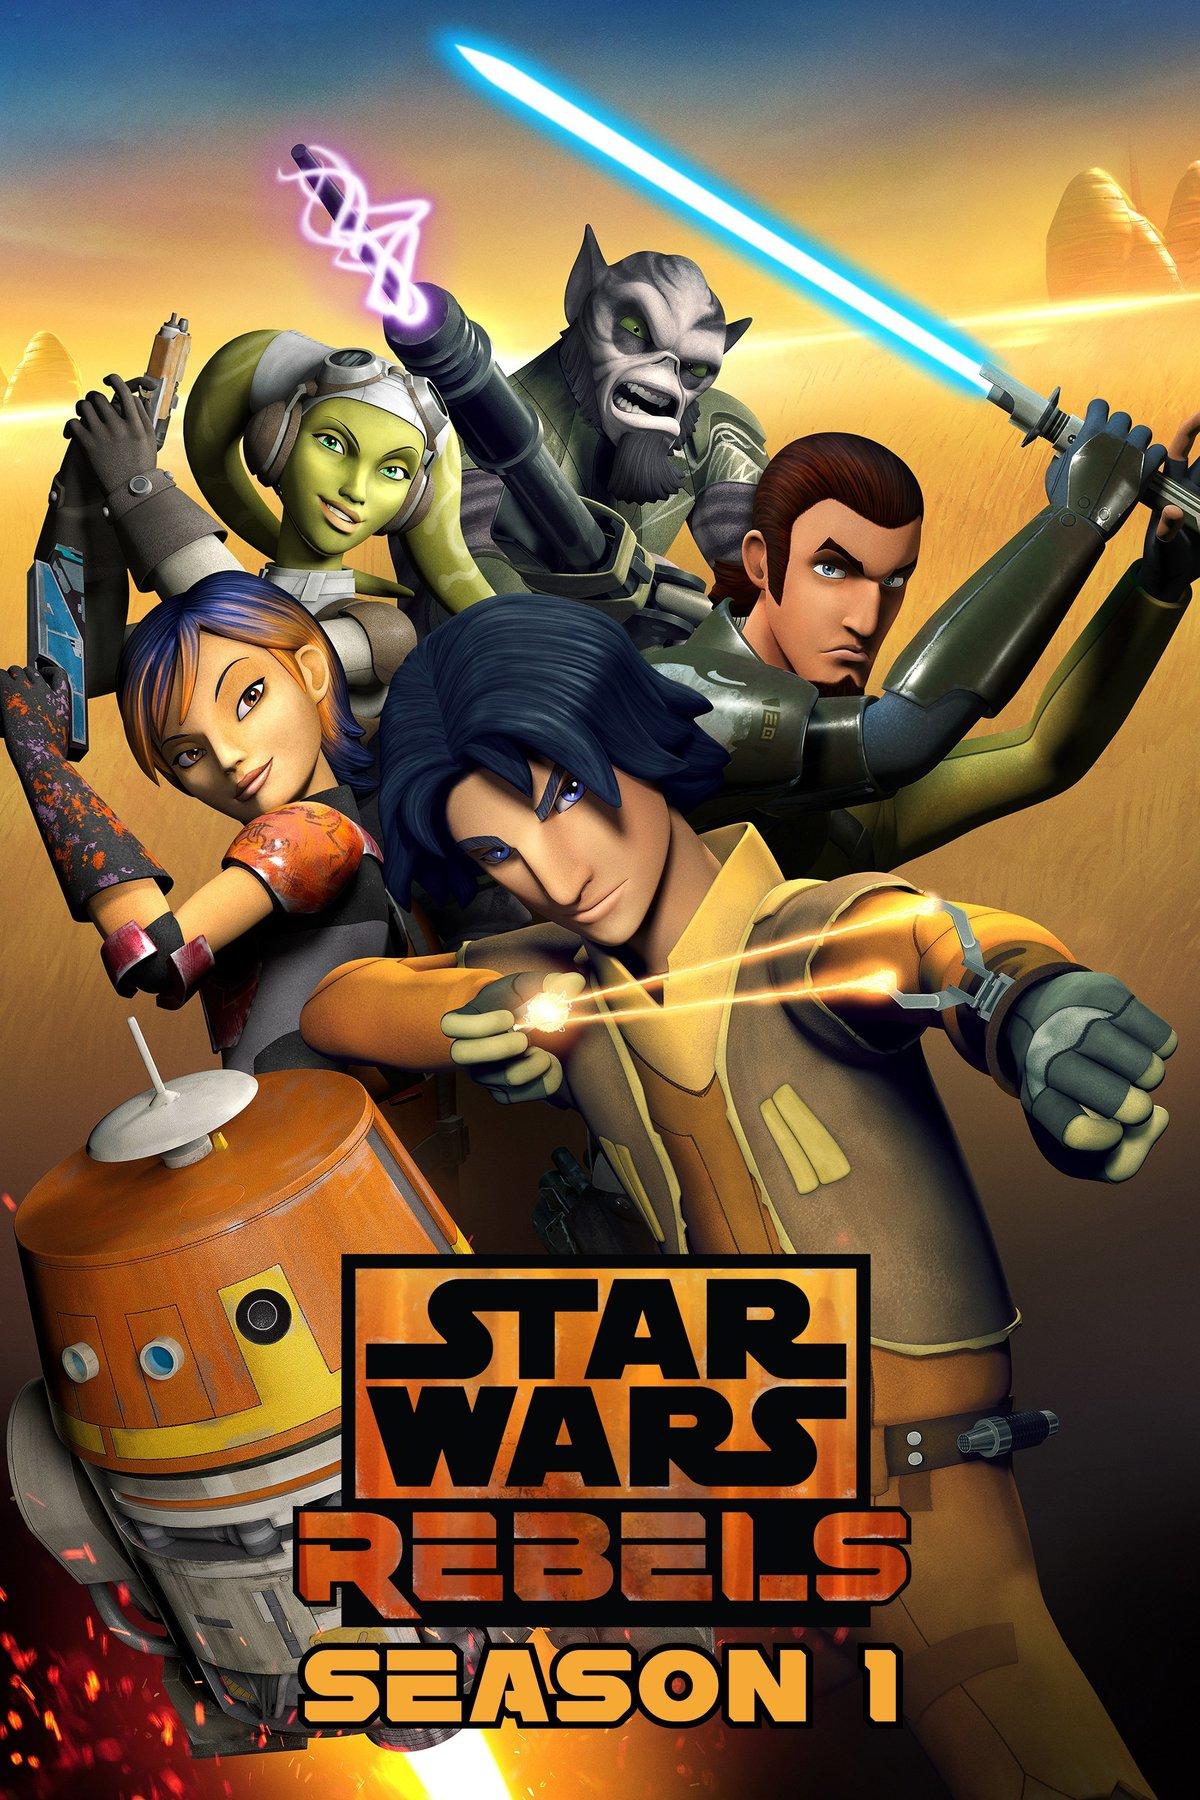 Звездные войны повстанцы мультфильм картинки